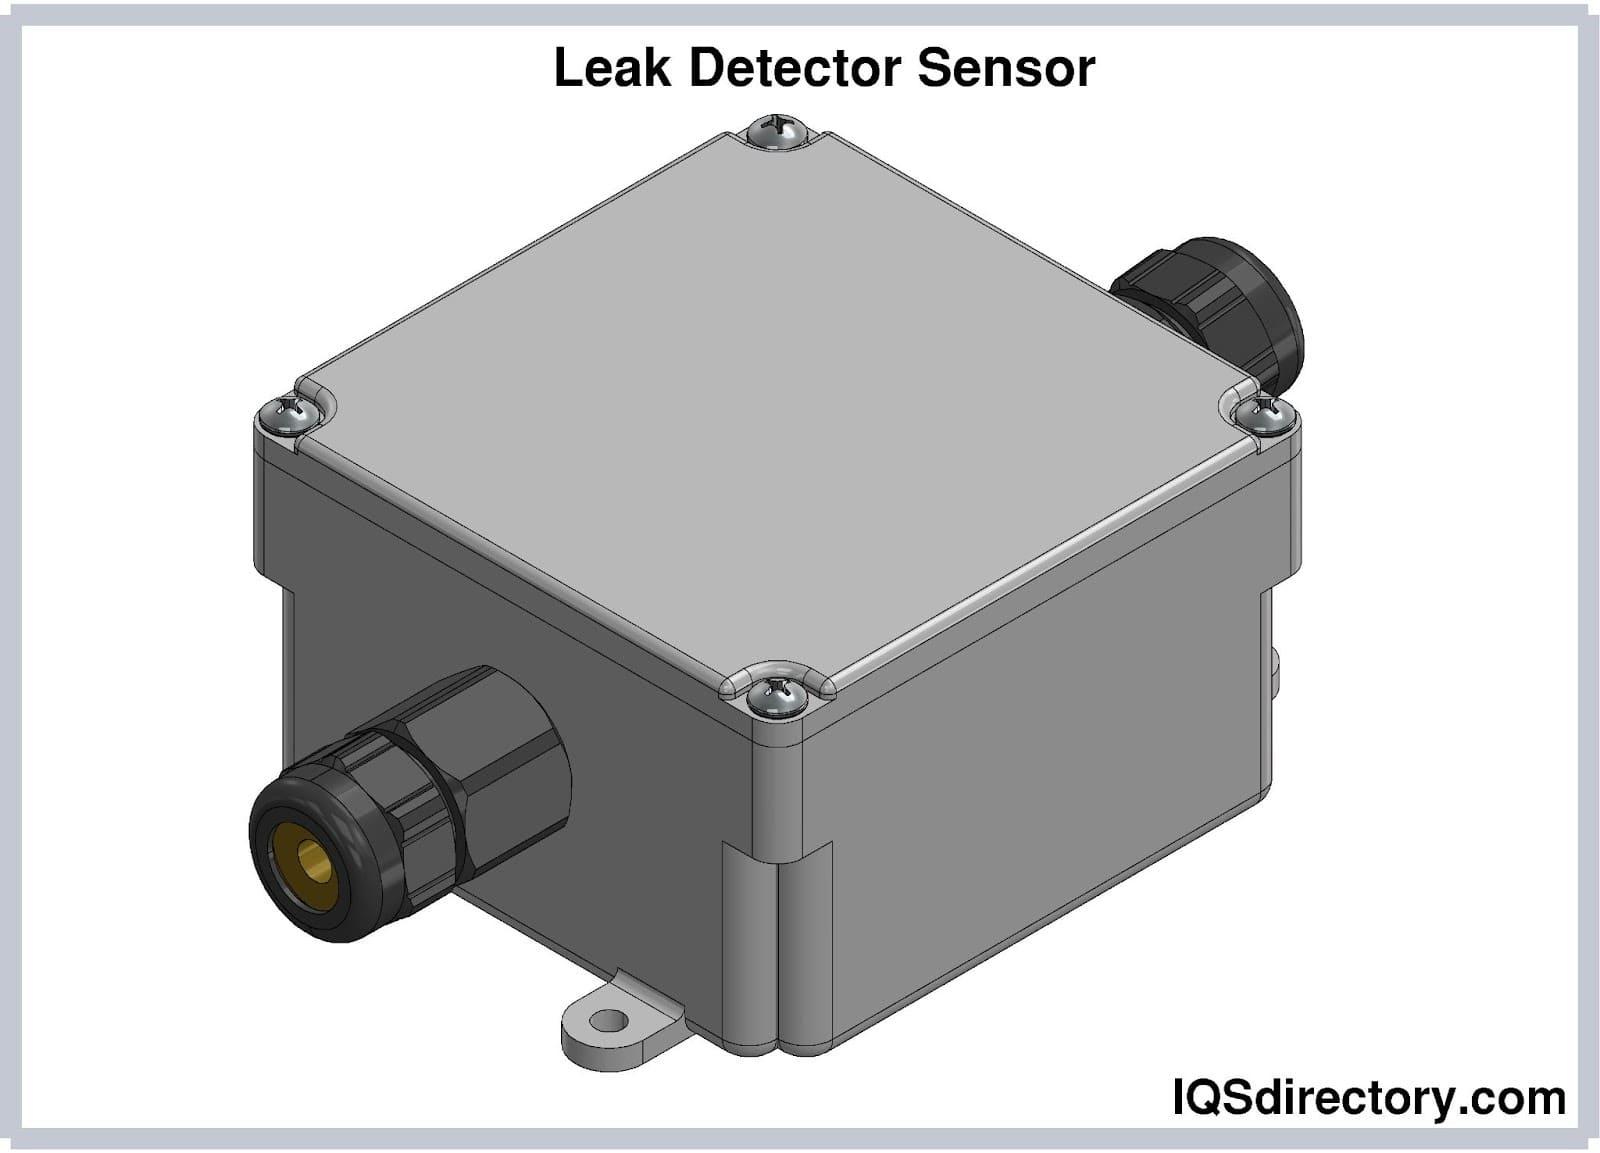 Leak Detector Sensor